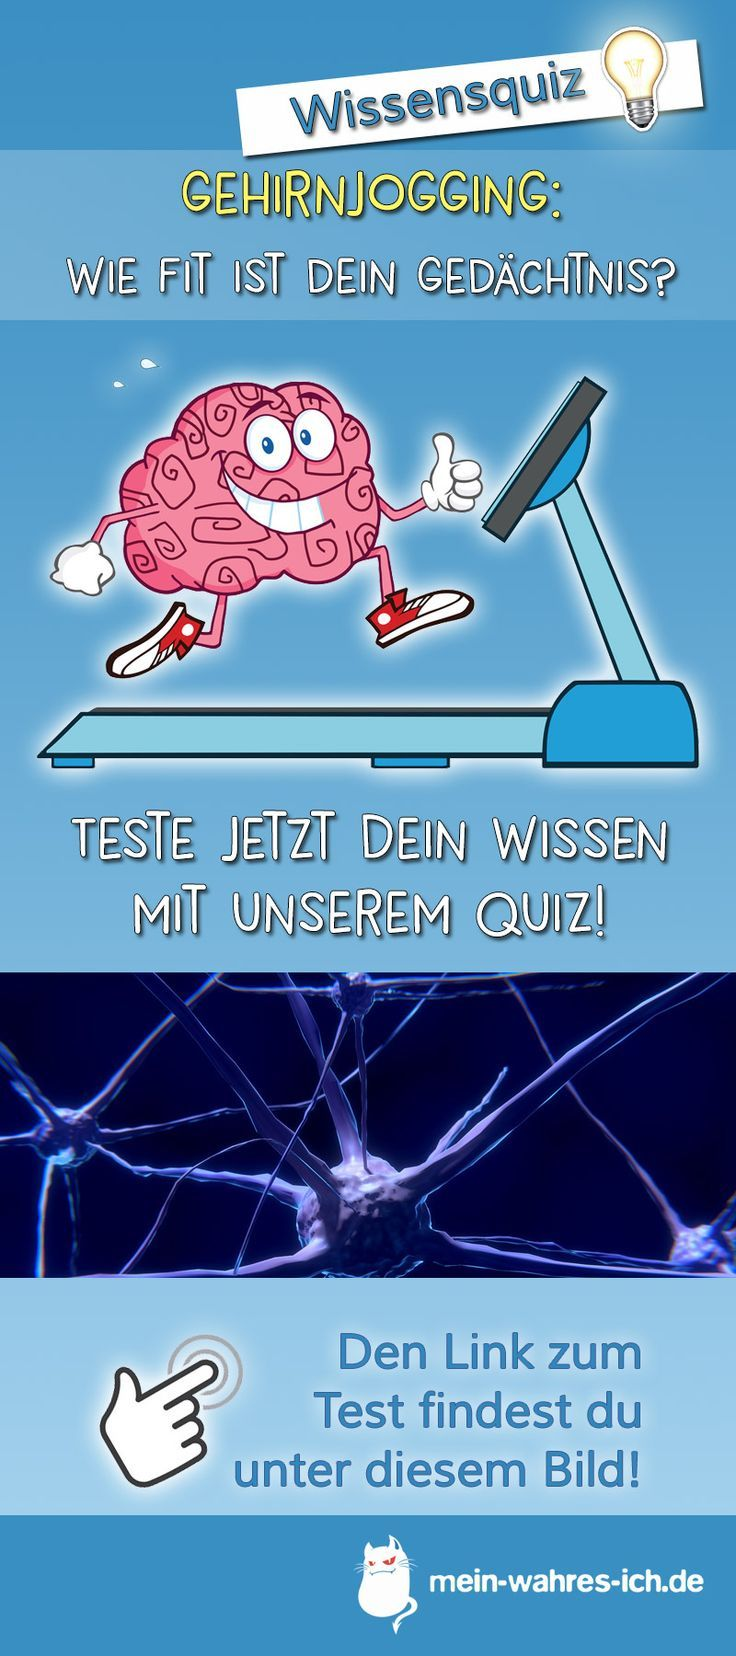 Kostenloses Gehirnjogging